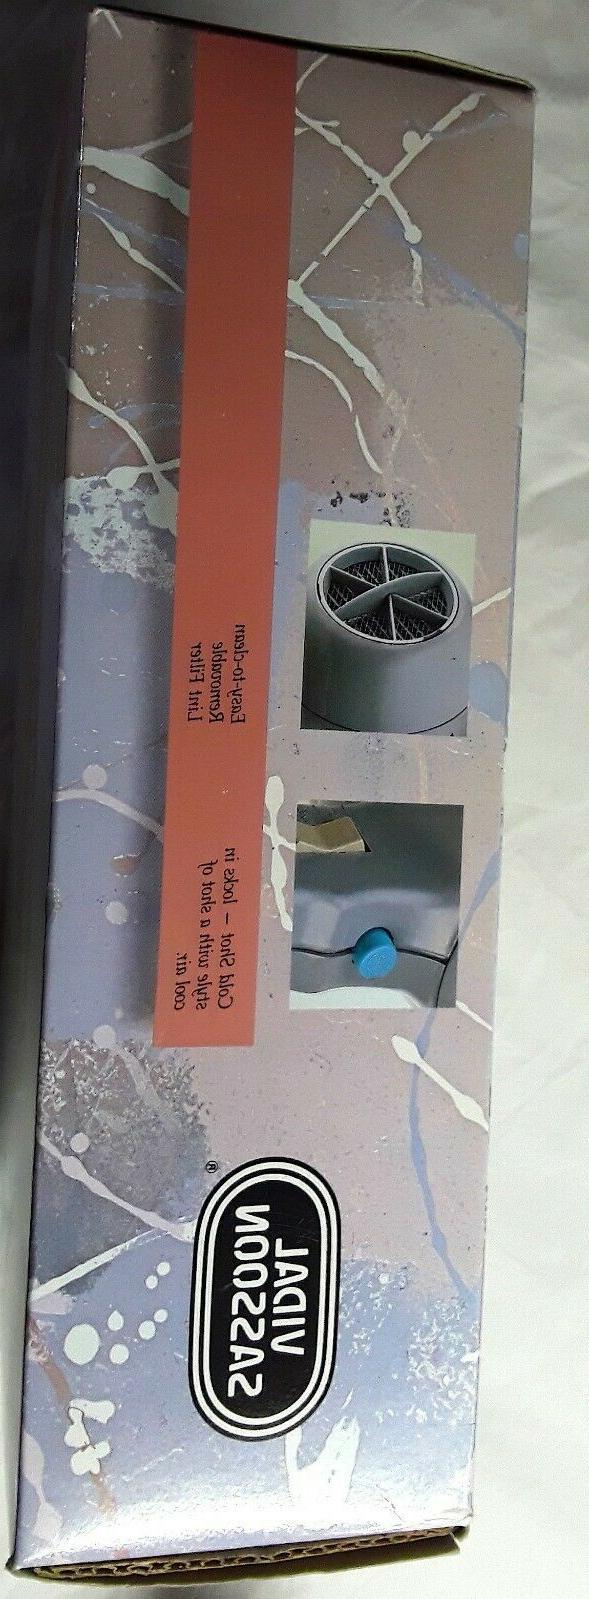 Vidal 1500 Watt Dryer VS-249